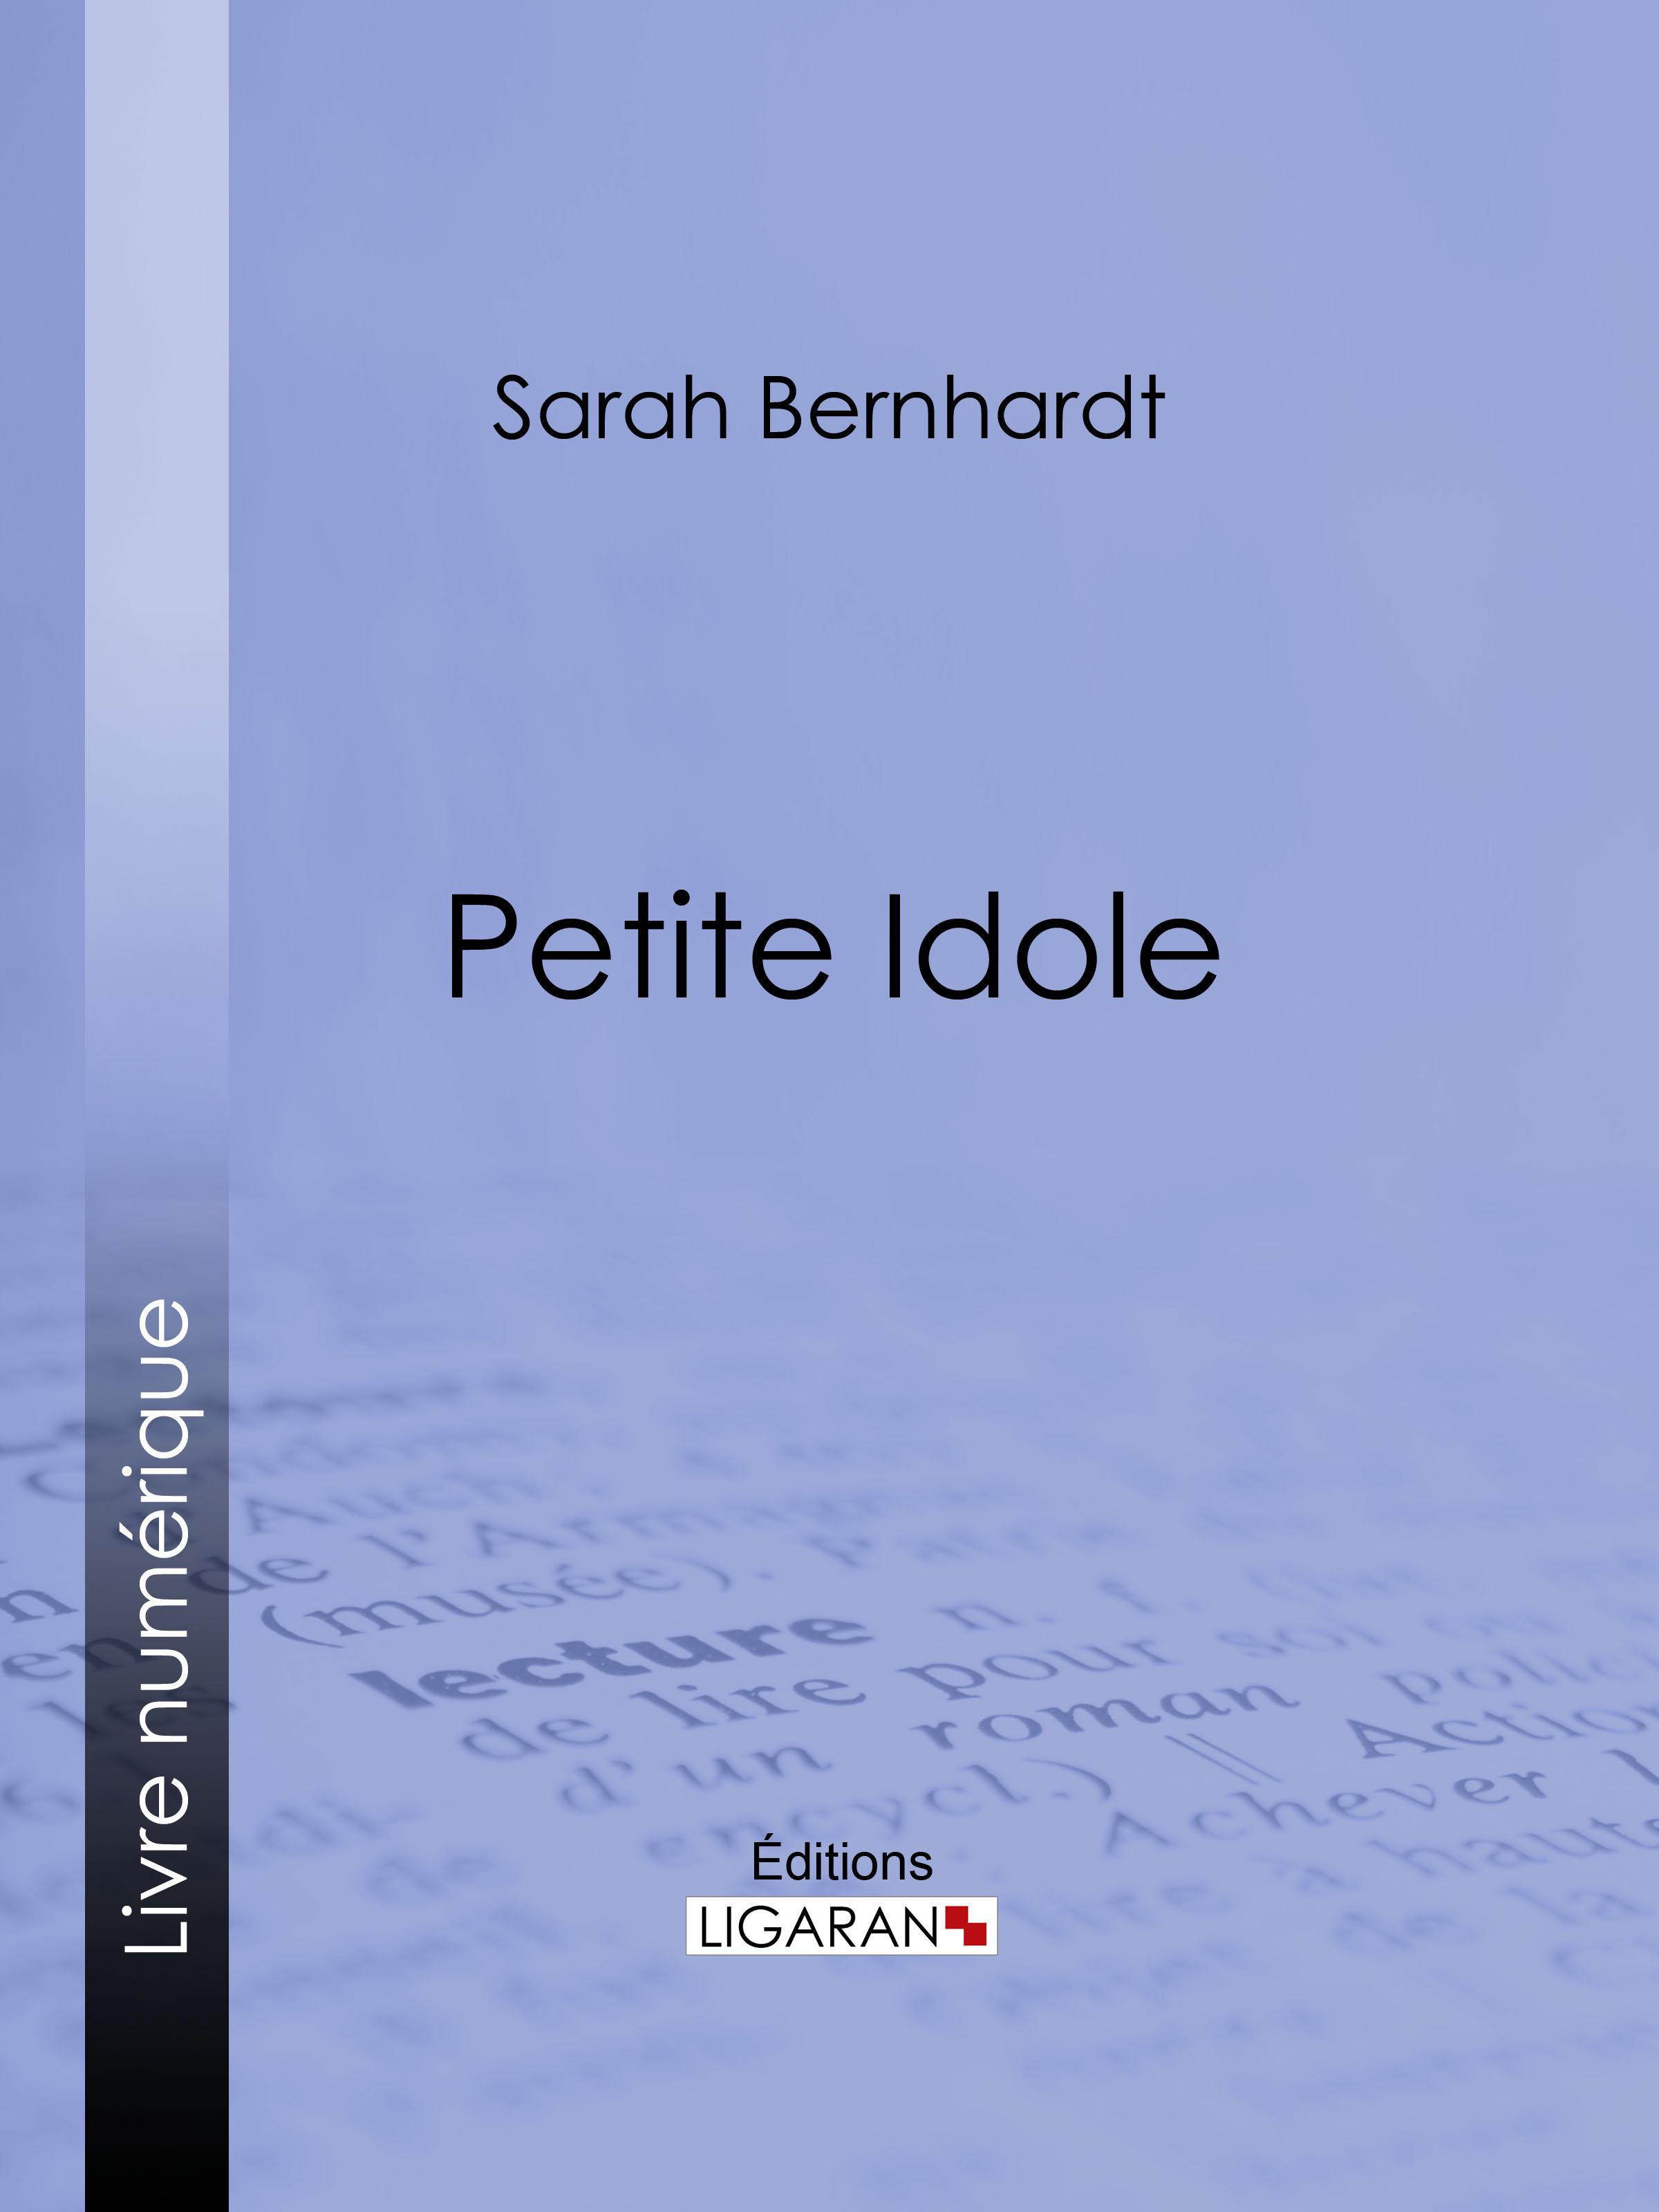 Petite Idole